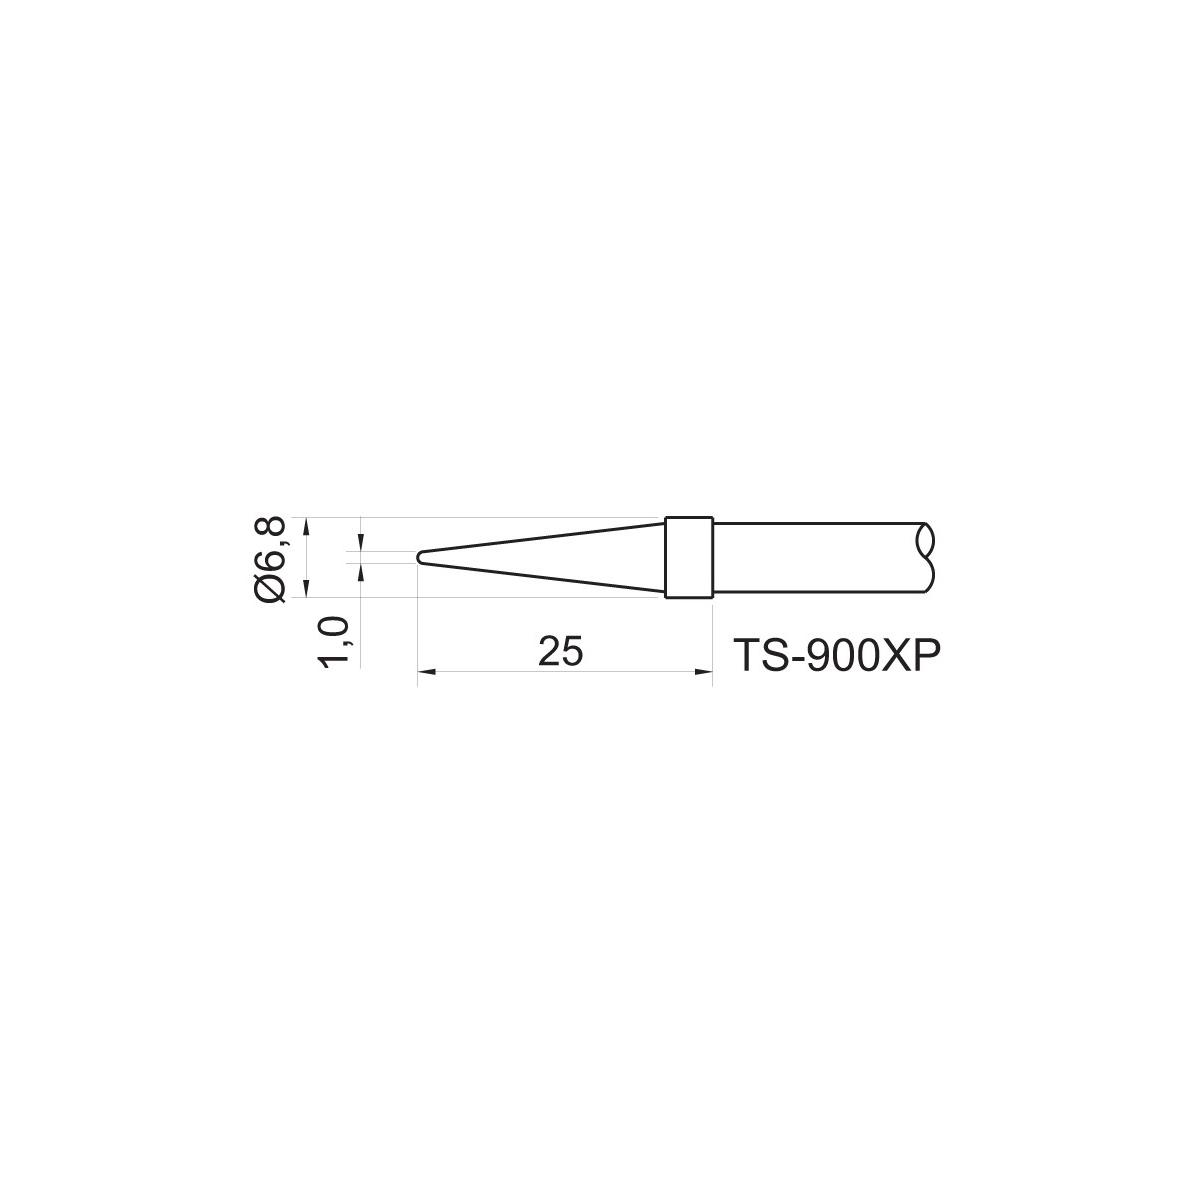 TOYO - PONTA CON. P/EST. DE SOLDA TS 900XP